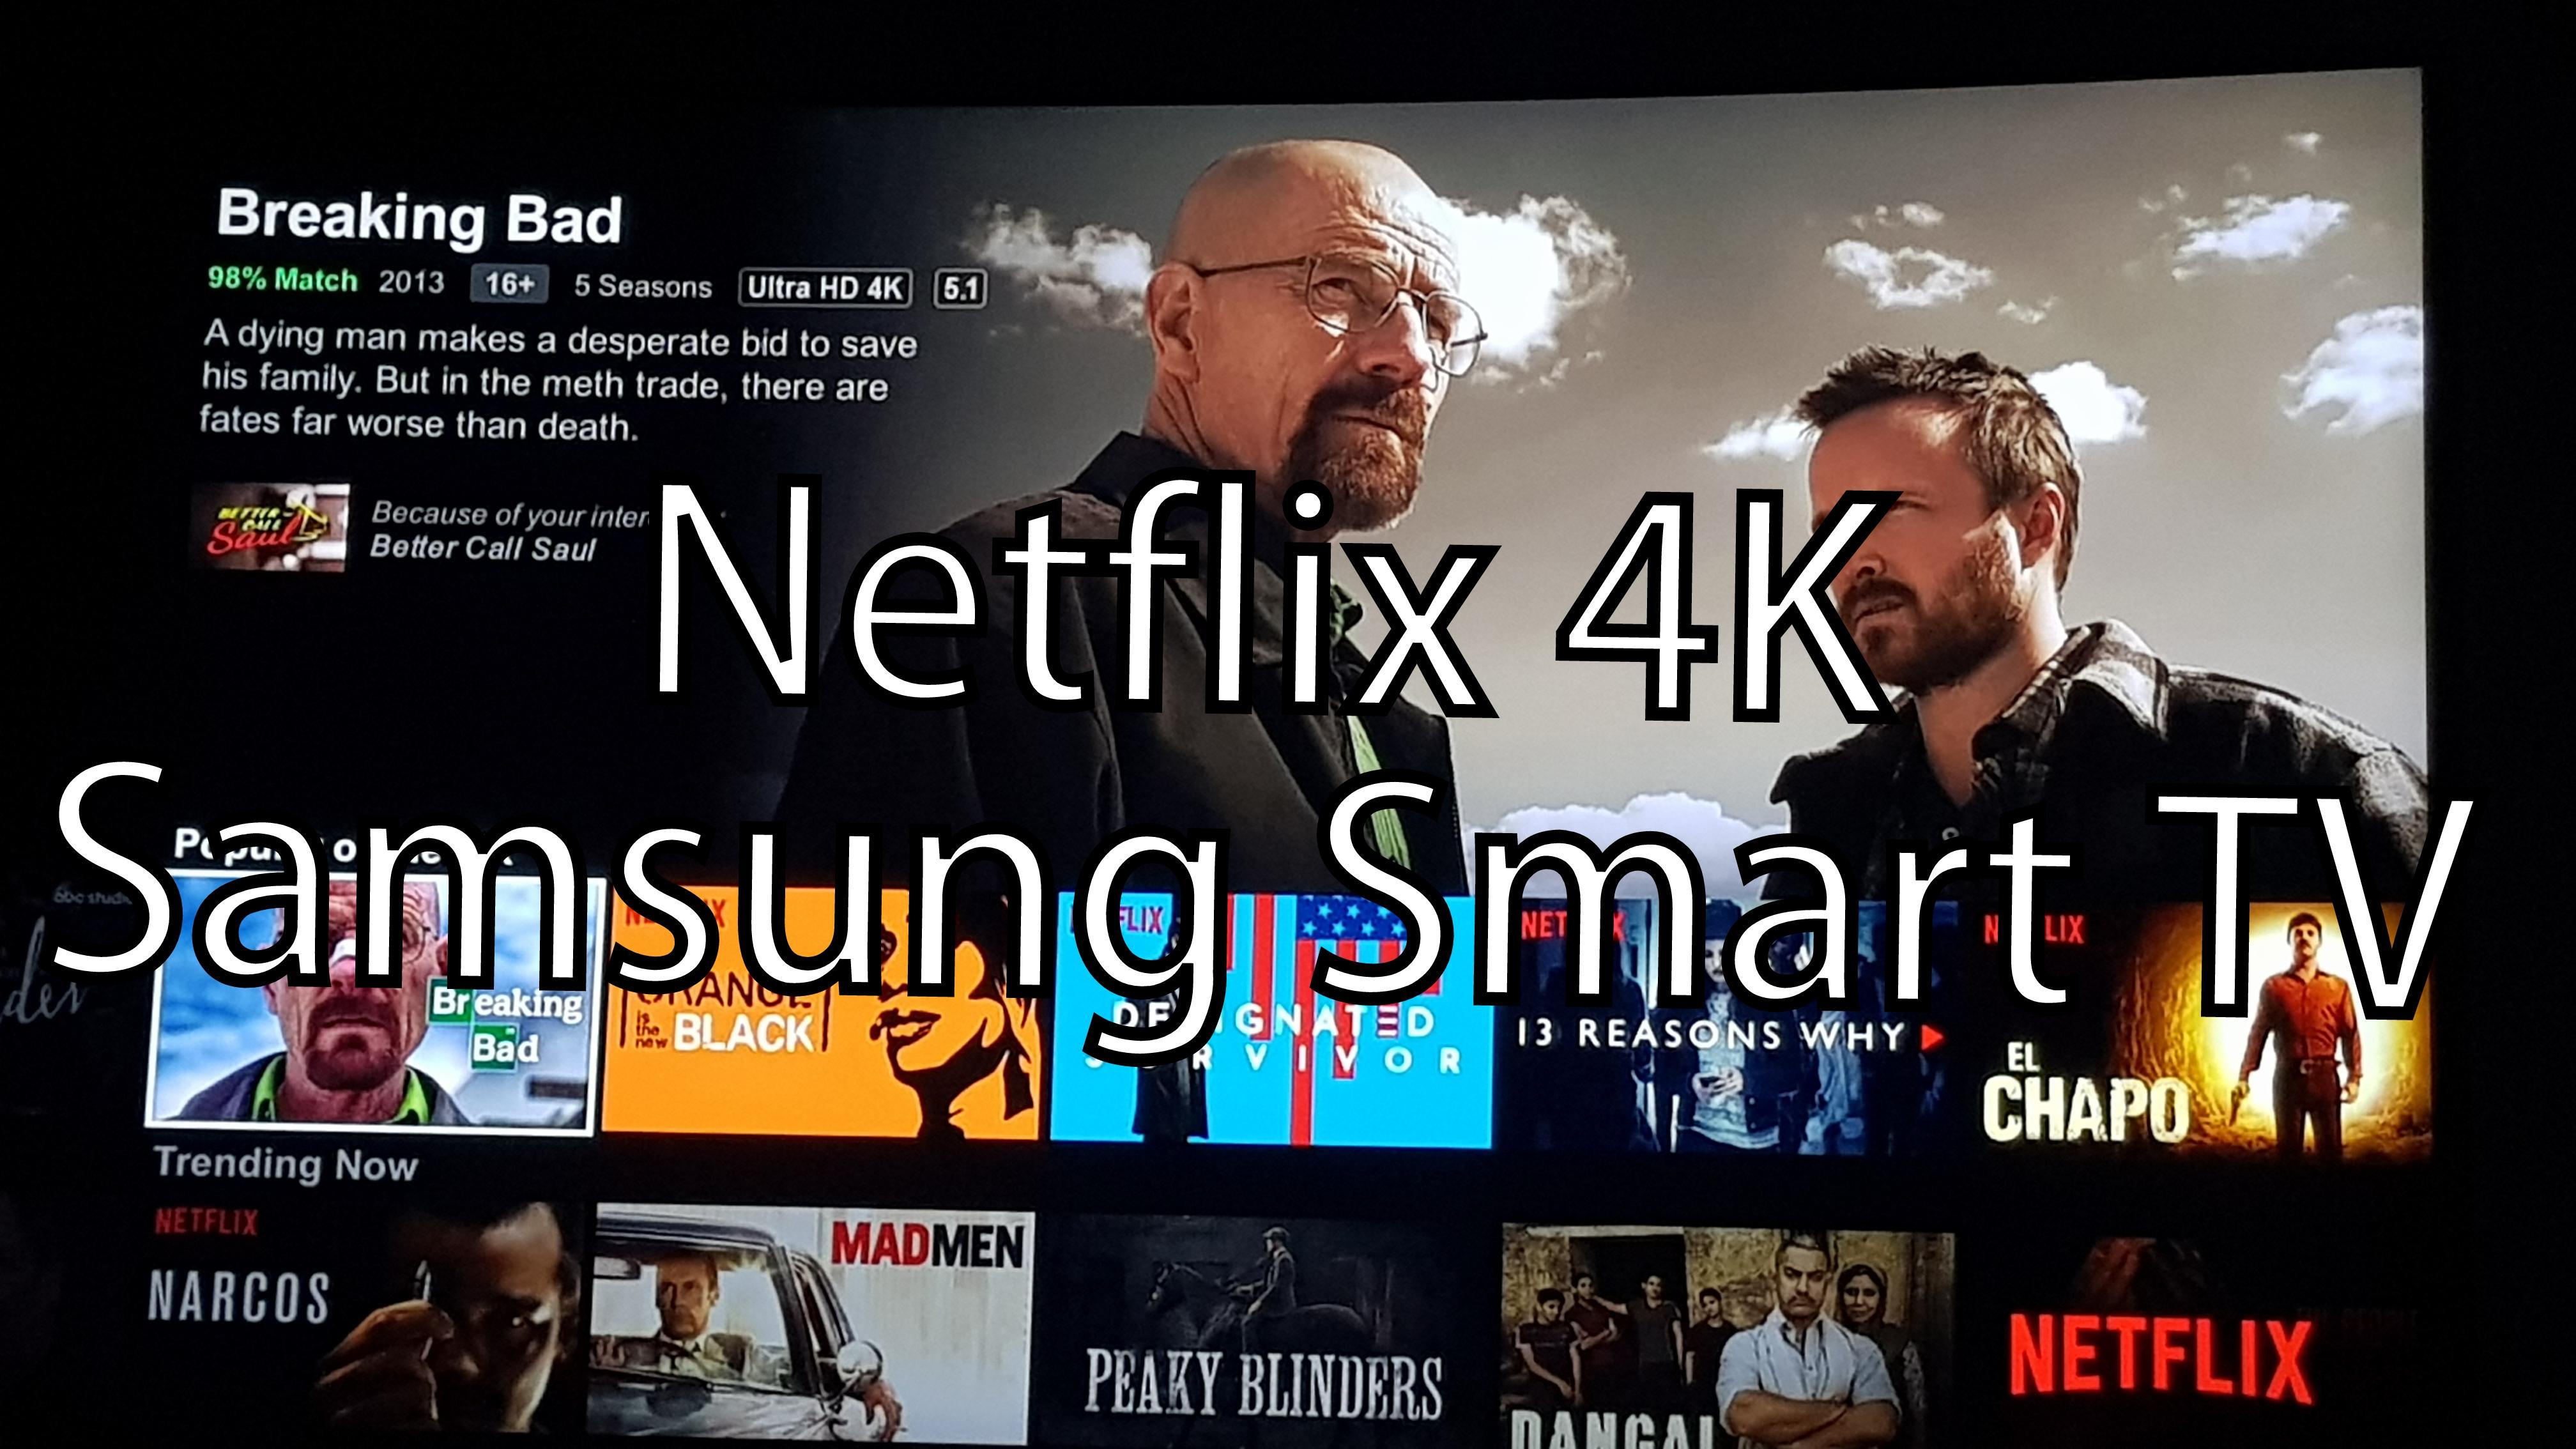 Netflix-4k-Samsung-smart-tv (2)